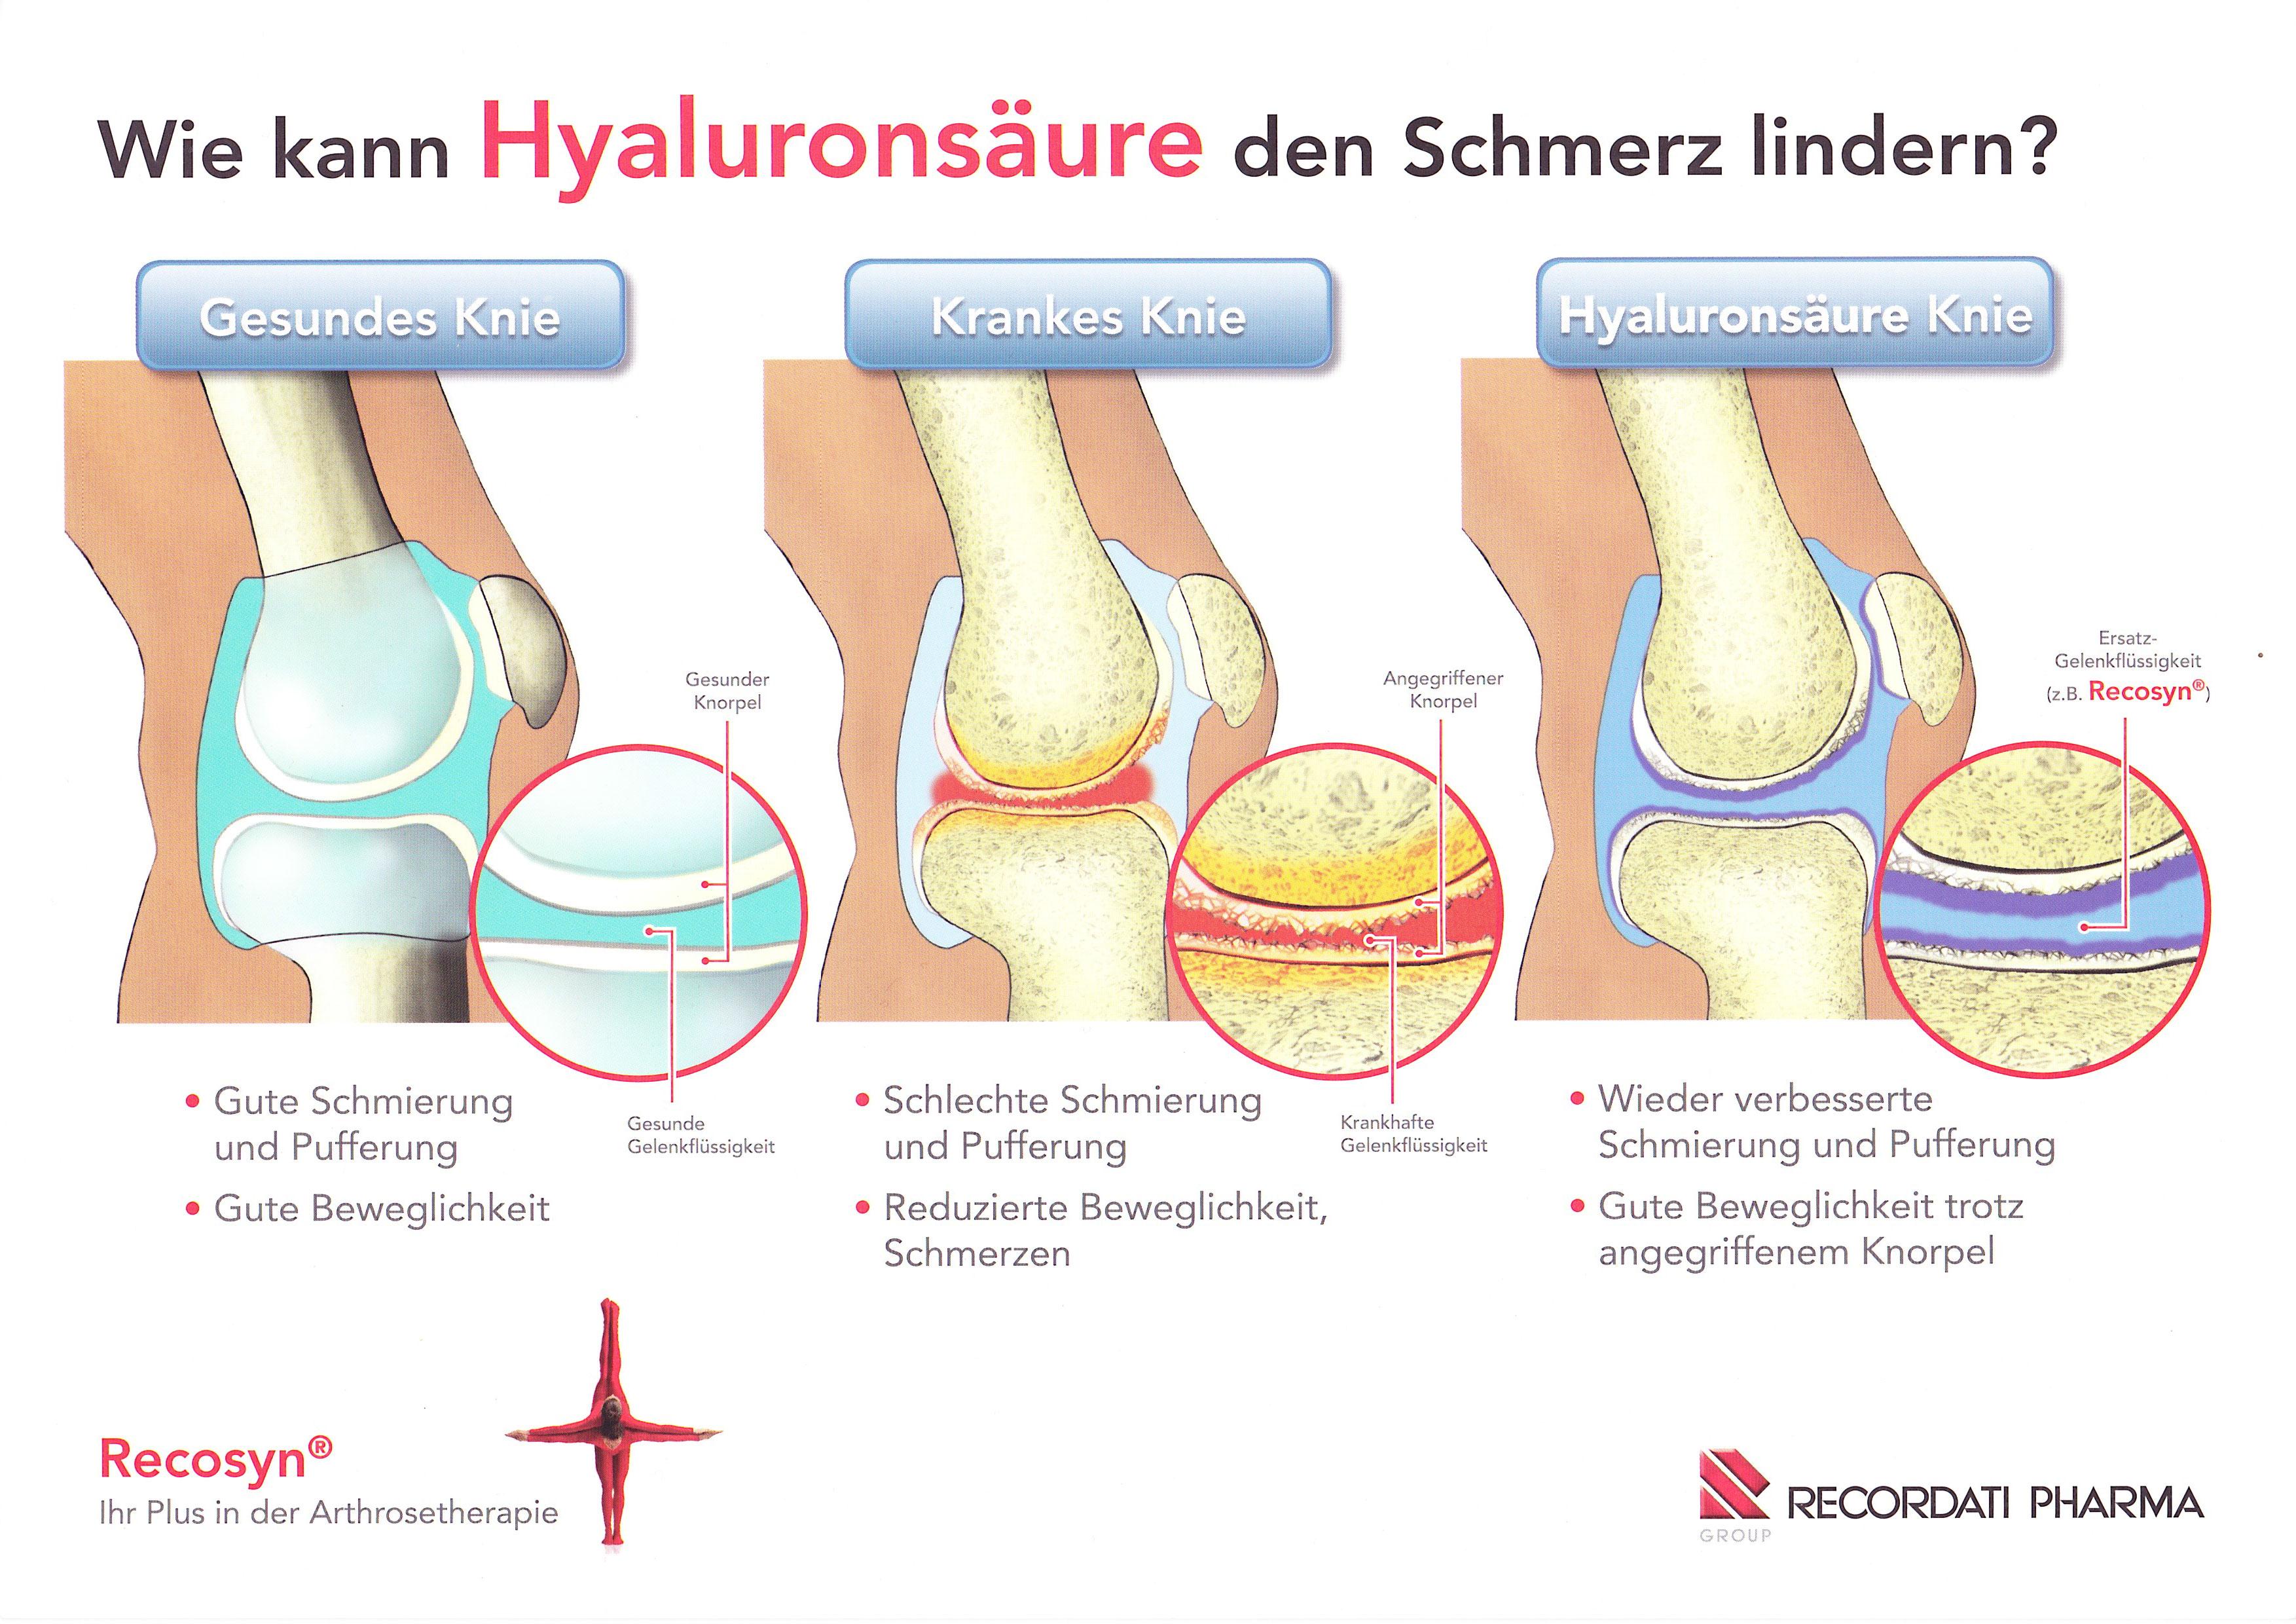 Hyaluronsäure bei Arthrose: Eine sinnvolle Therapie?